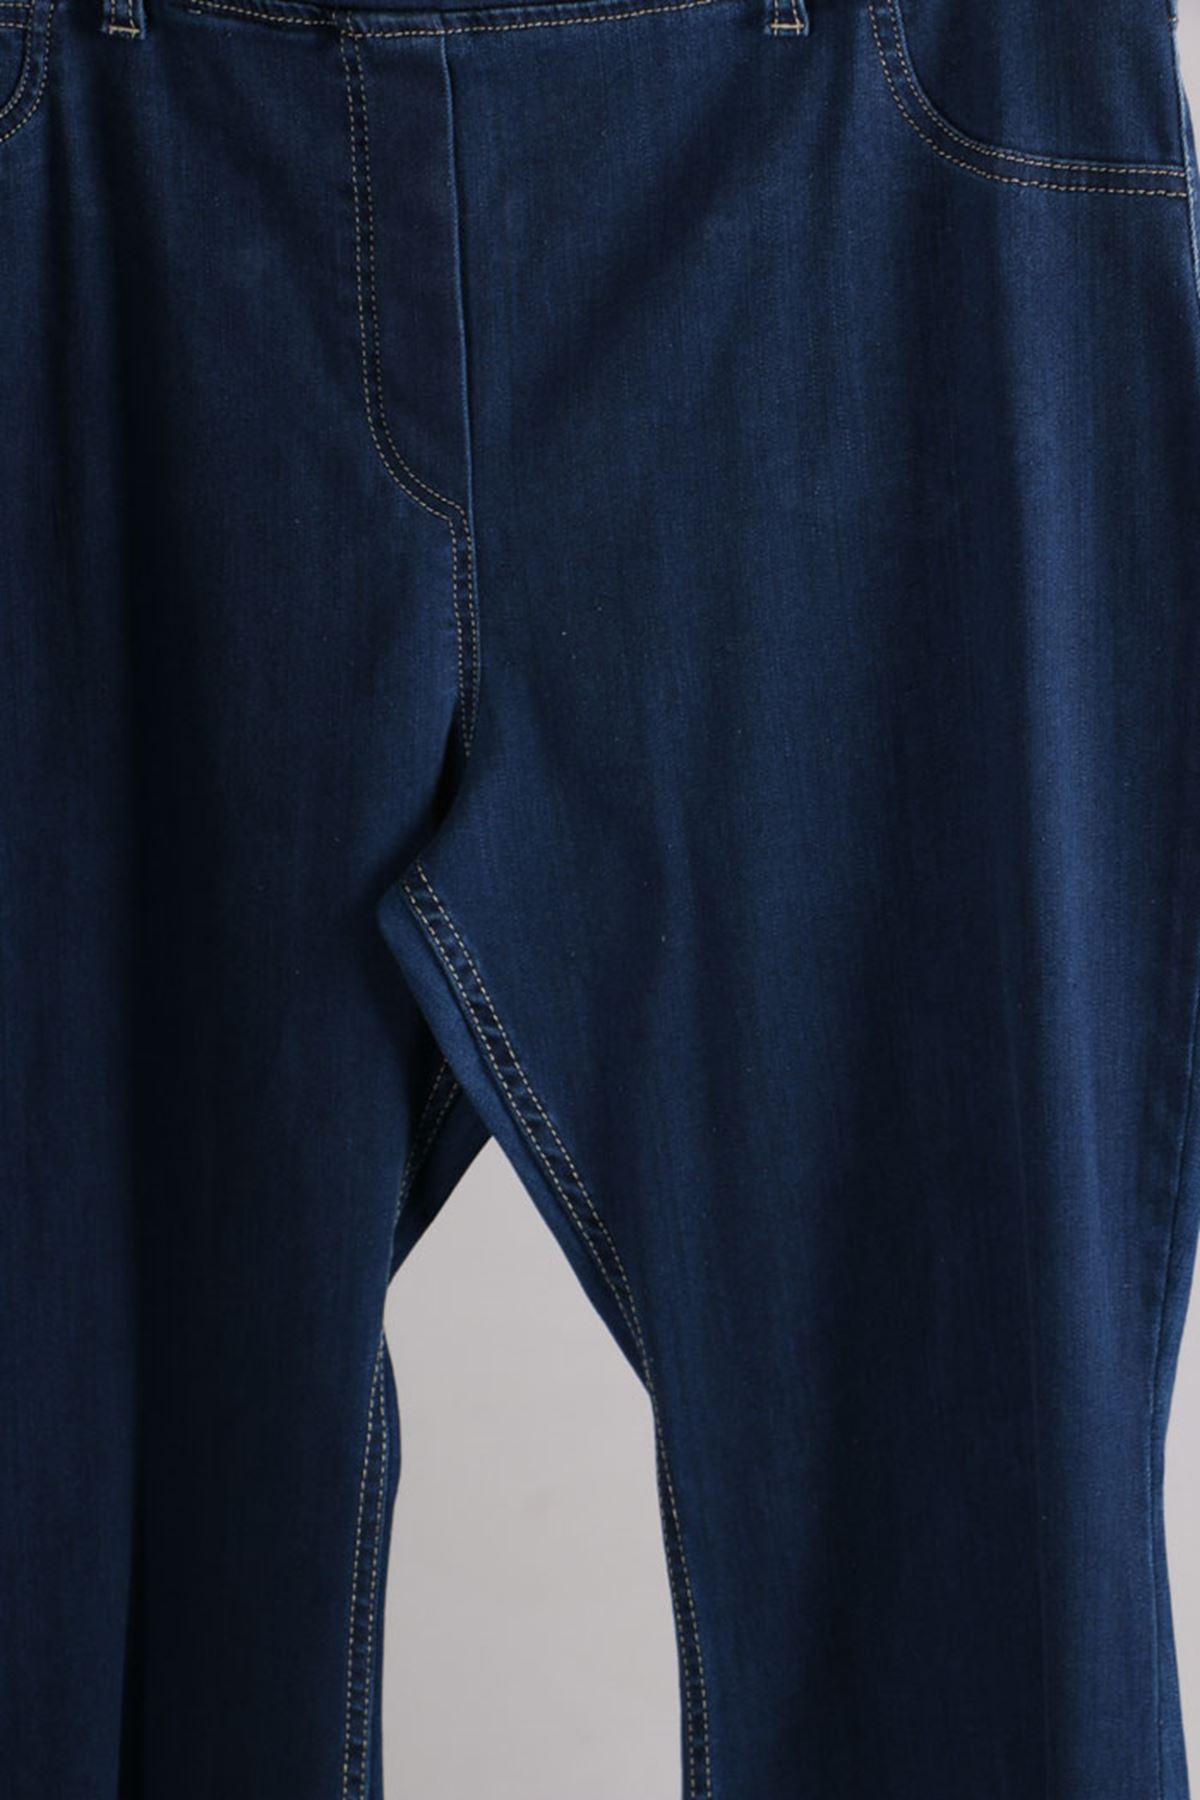 D-9137-2 Büyük Beden Defolu Beli Lastikli İspanyol Paça Kot Pantalon-Açık Mavi